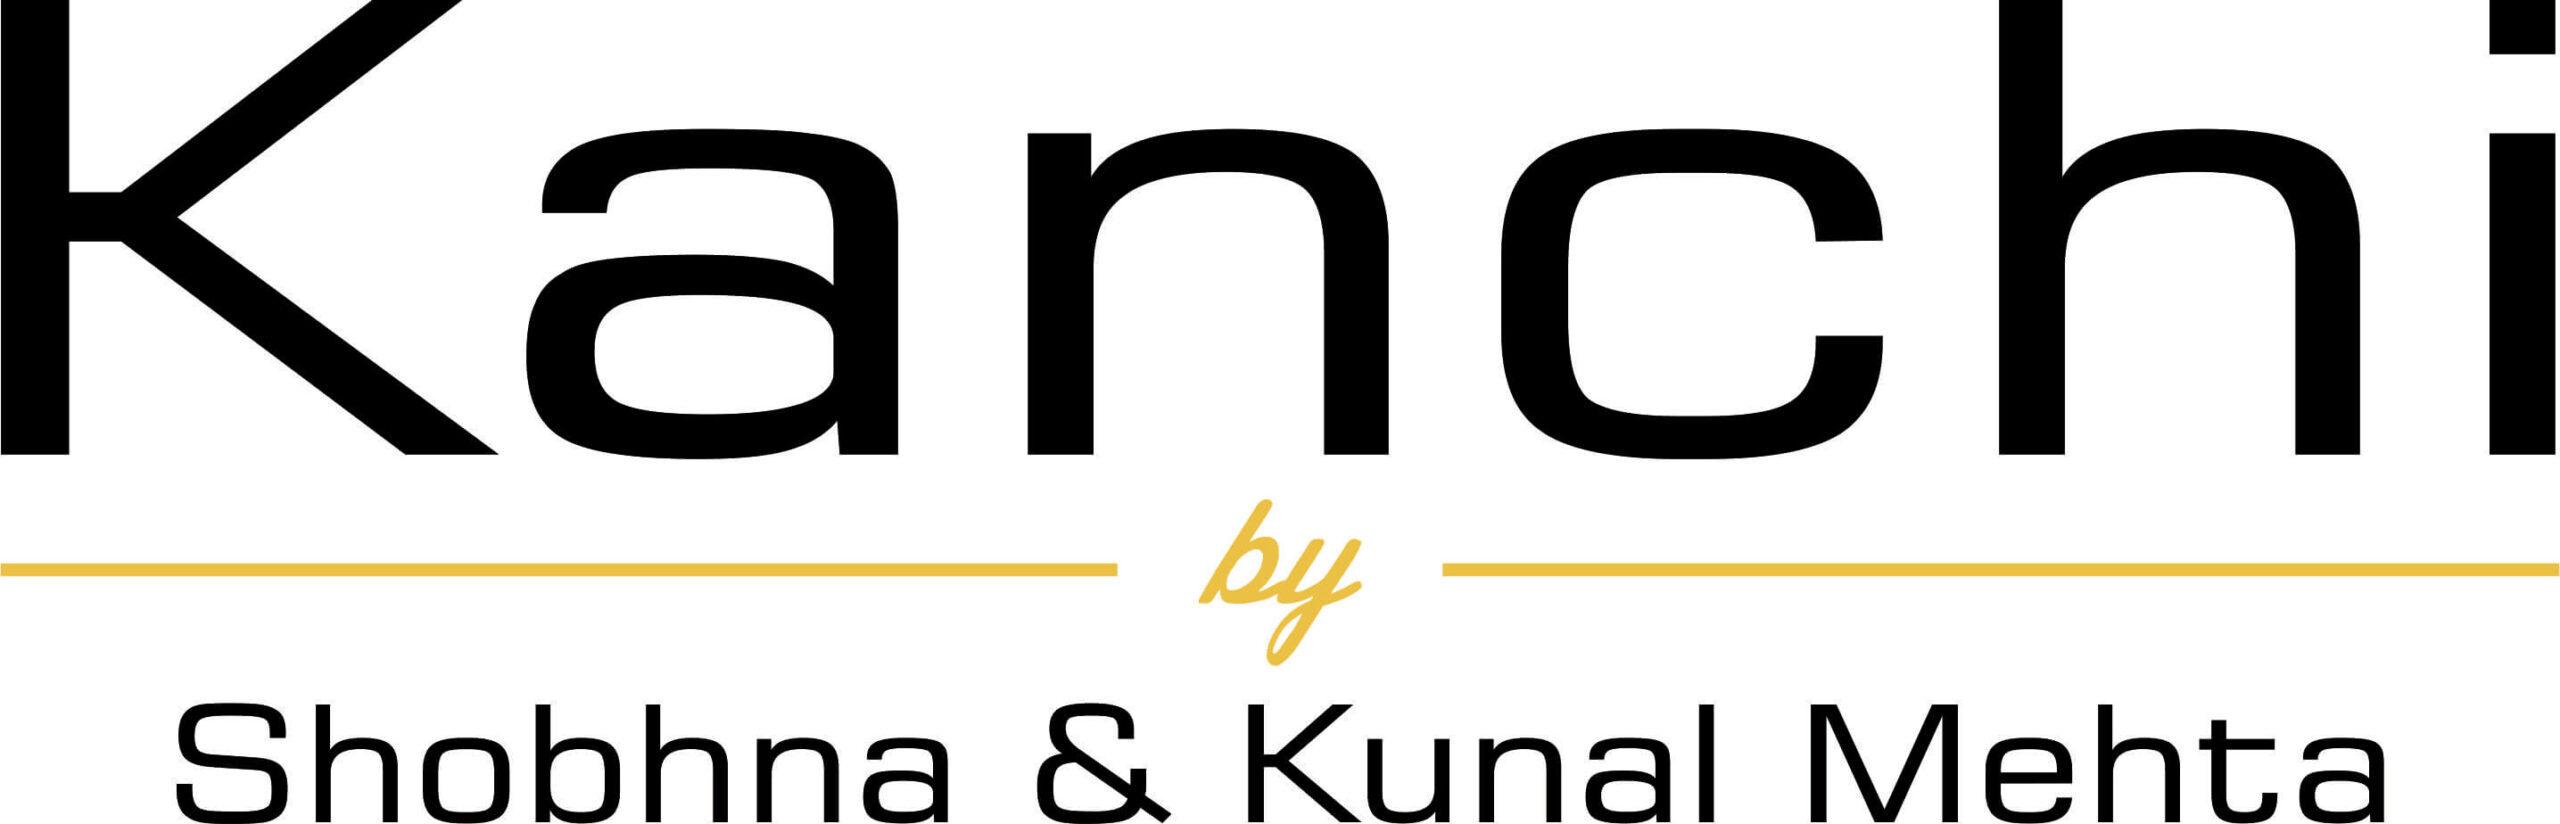 Kanchi Designs